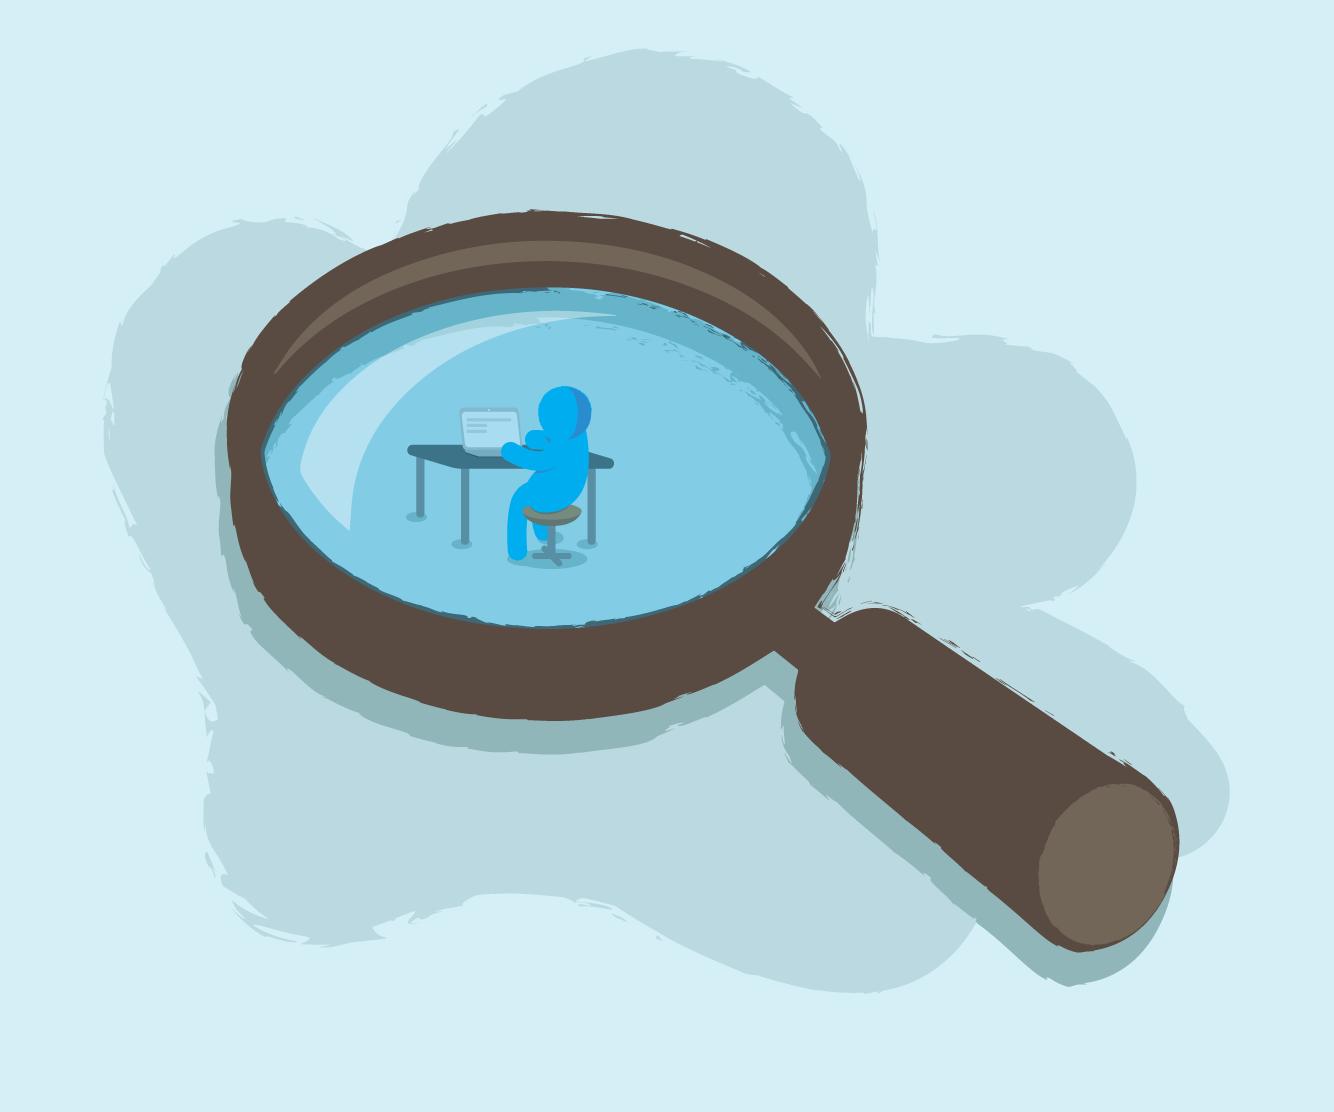 teamfluent-blogpost-illustration-4